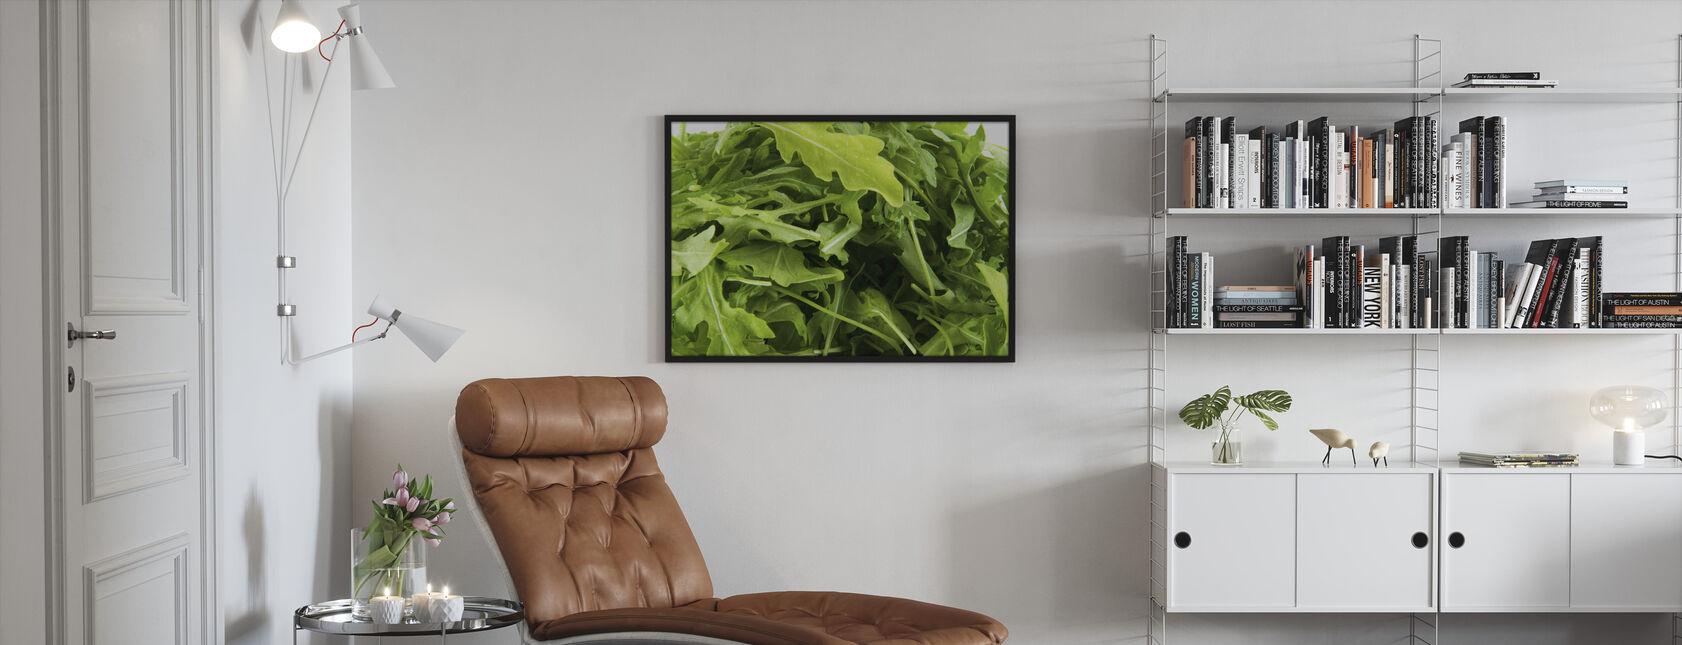 Frische Ruccola - Gerahmtes bild - Wohnzimmer